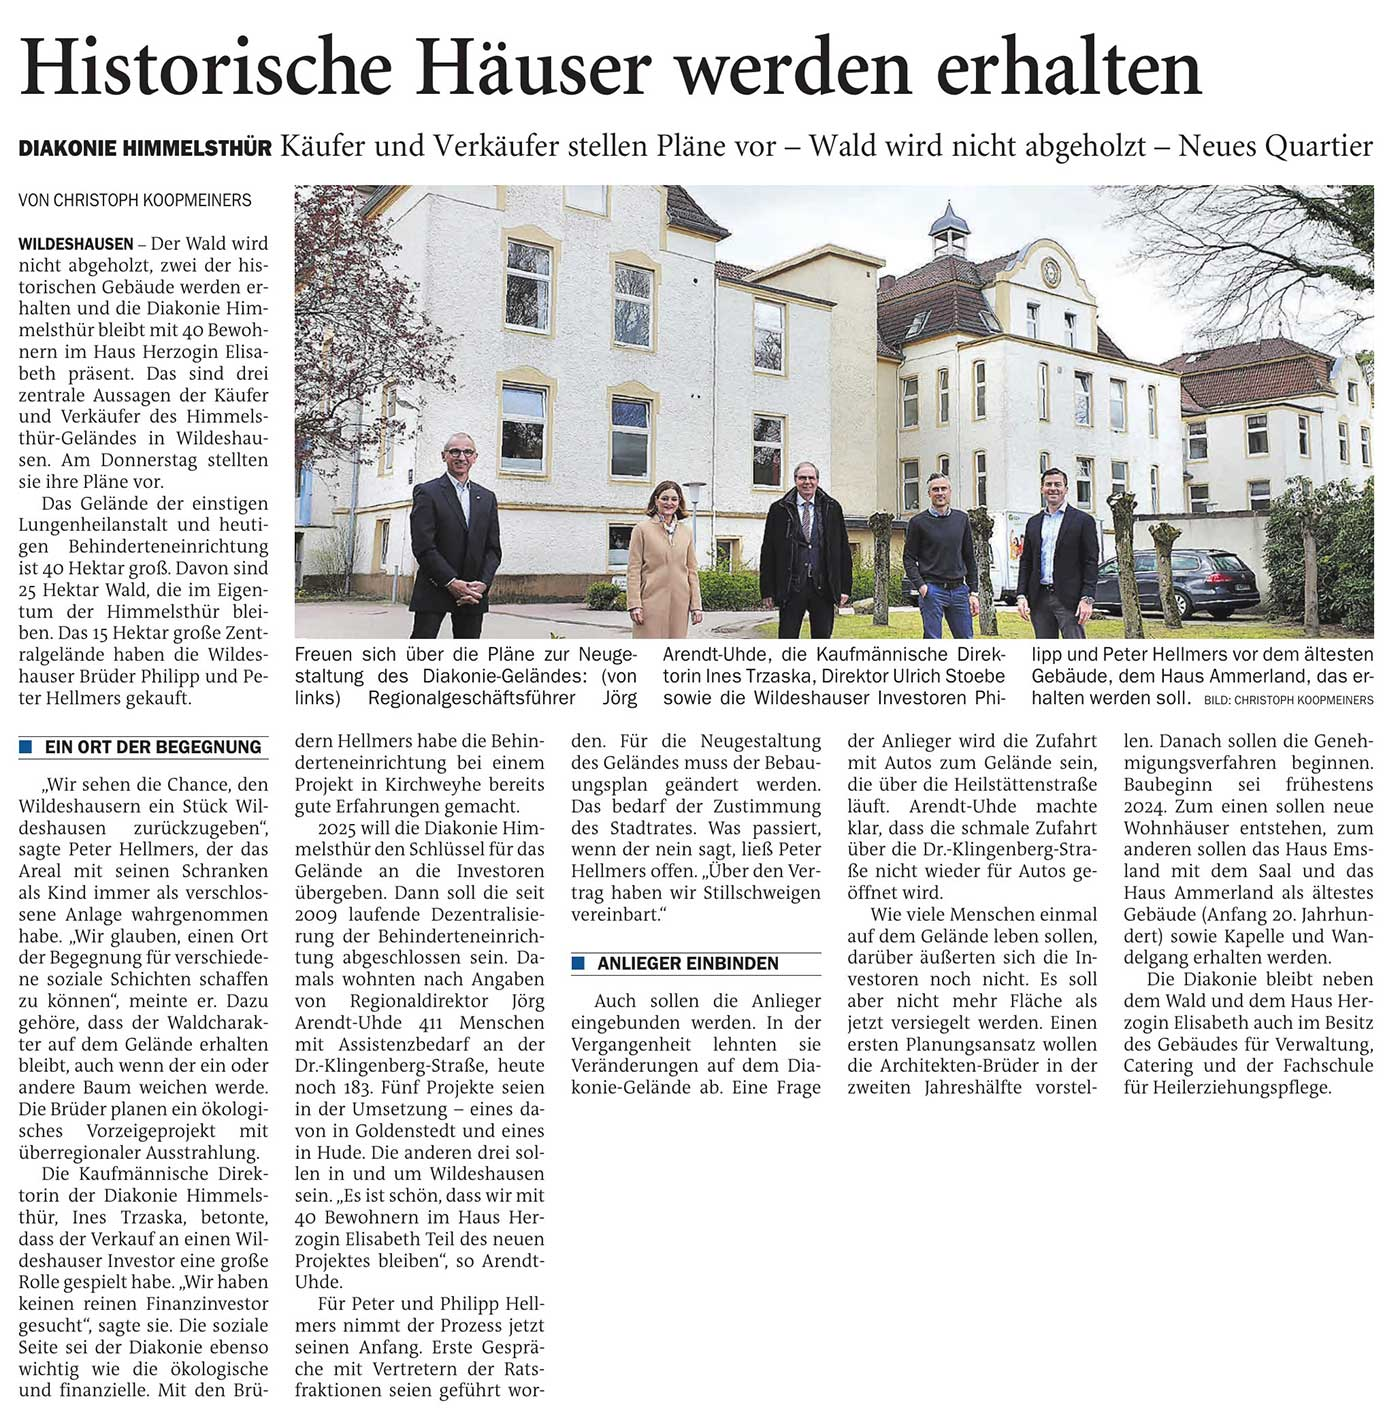 Historische Häuser werden erhaltenDiakonie Himmelsthür: Käufer und Verkäufer stellen Pläne vor - Wald wird nicht abgeholzt - Neues QuartierArtikel vom 07.05.2021 (NWZ)